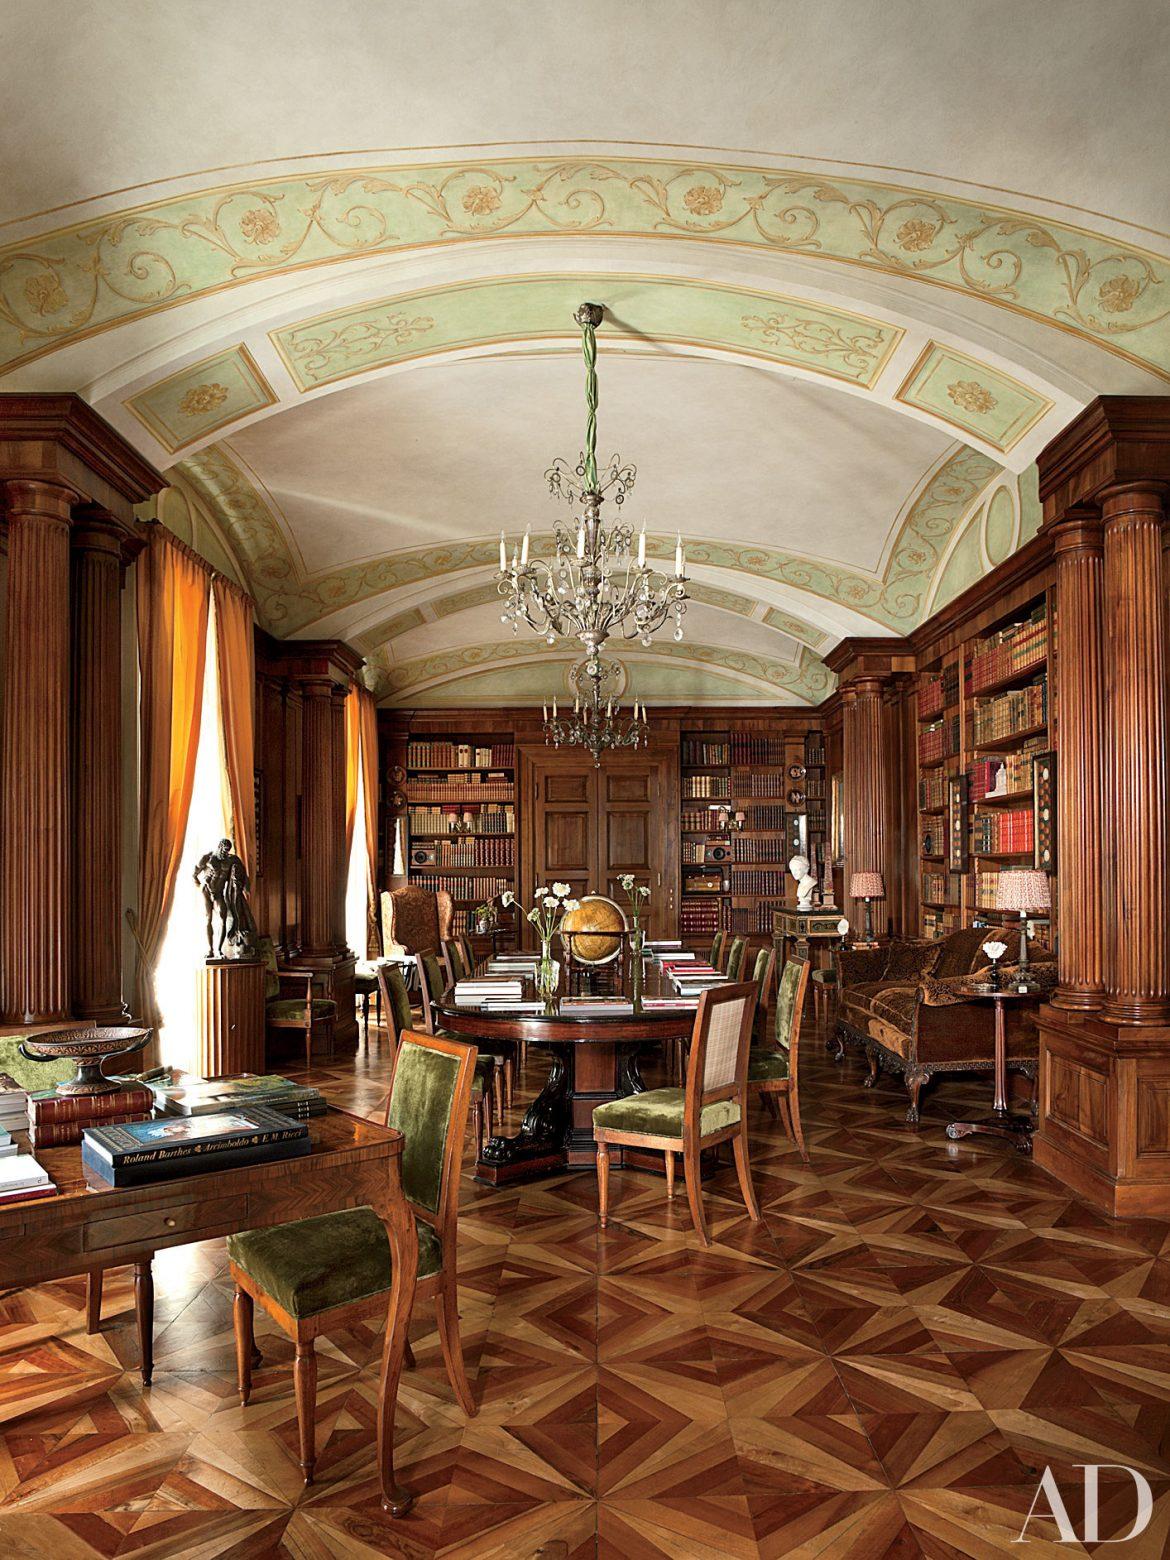 Famous interior designers in Milan - Studio Peregalli Famous interior designers in Milan - Studio Peregalli Famous interior designers in Milan – Studio Peregalli Famous interior designers in Milan Studio Peregalli1